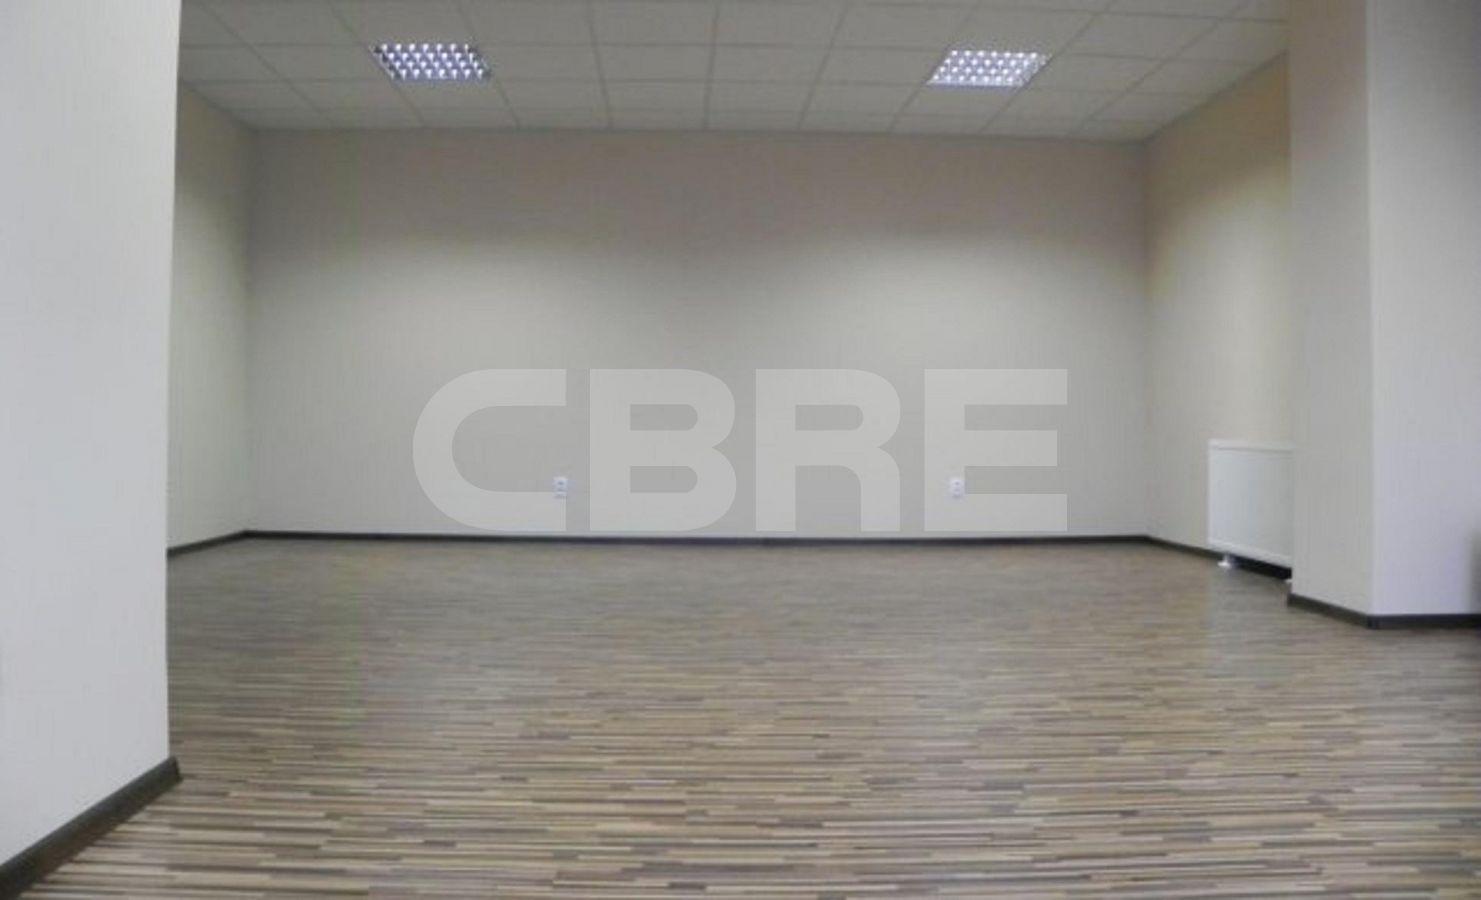 Obchodné Centrum Gastrodom, Košice, Košice - Staré Mesto   Offices for rent by CBRE   2